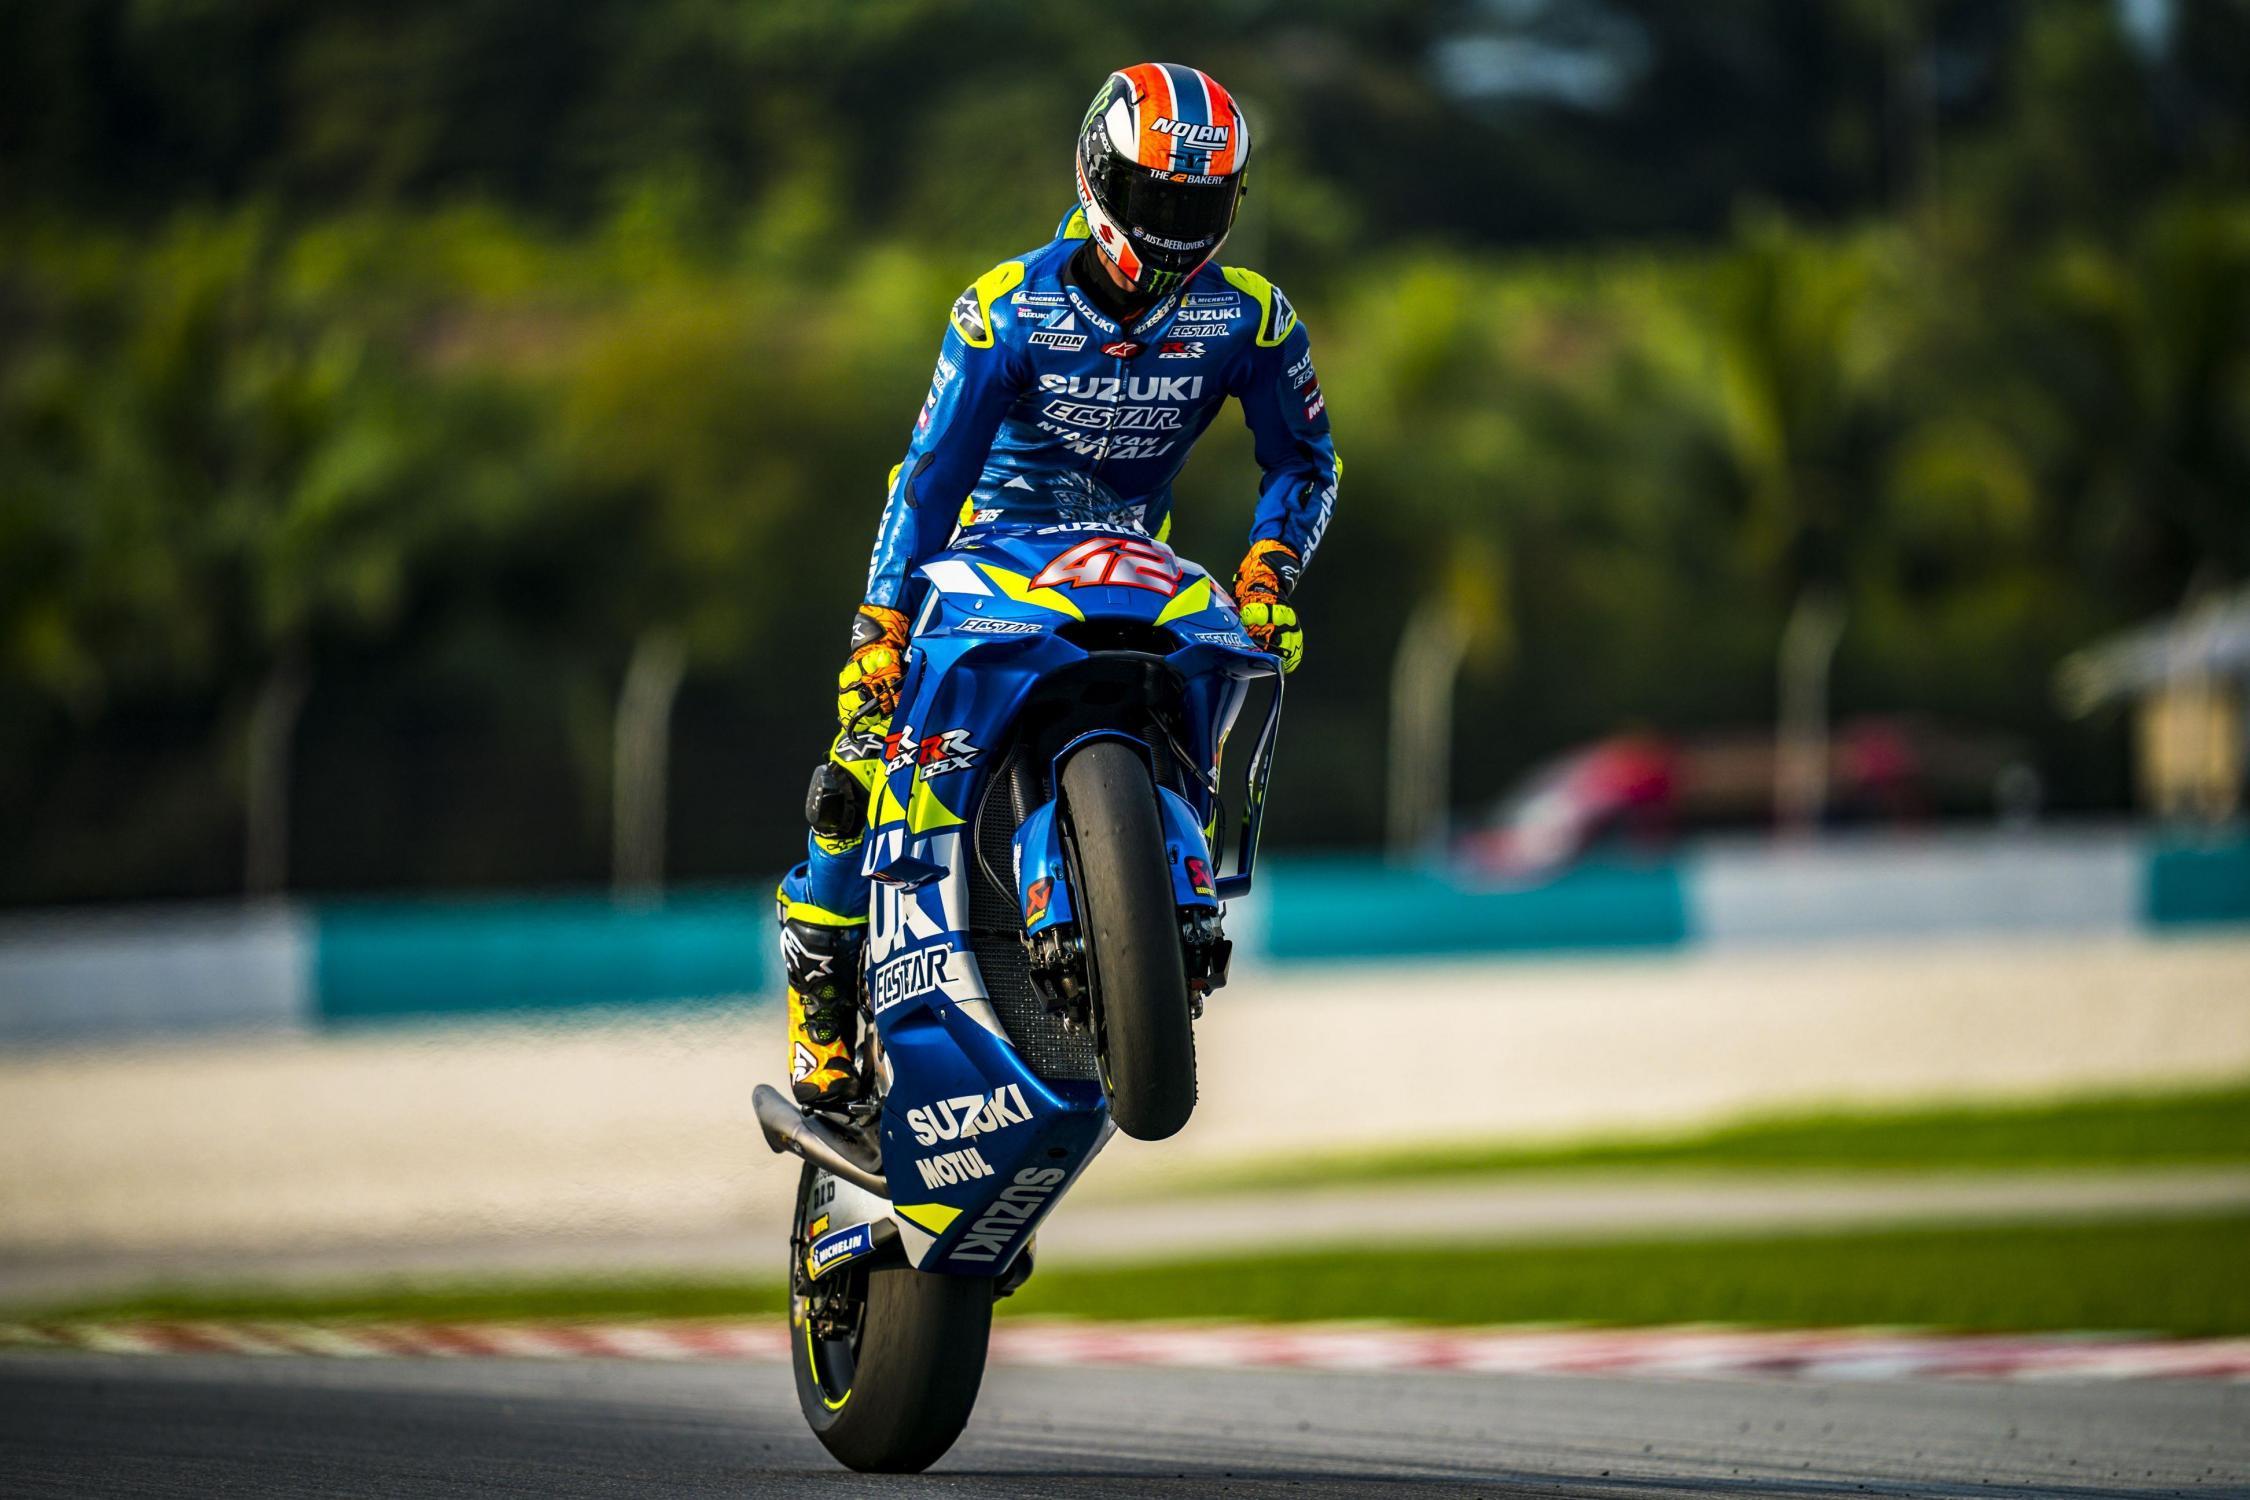 https: img-o.okeinfo.net content 2019 04 15 38 2043507 hasil-race-motogp-amerika-serikat-2019-dMrI2oW7og.jpg